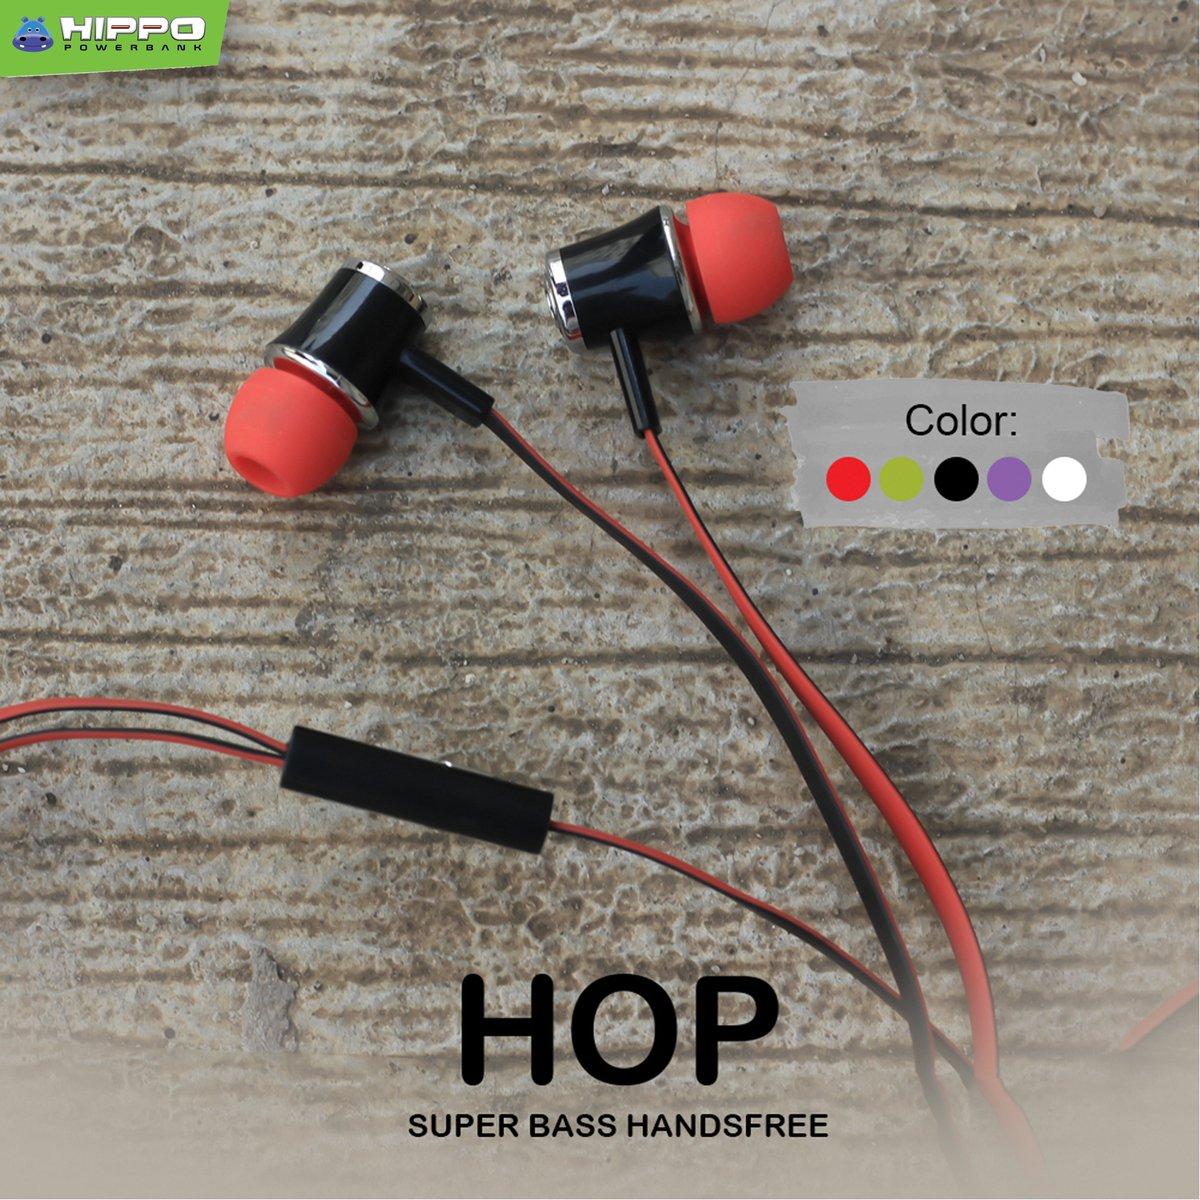 ... Hippo Headset Handsfree Hip Biru Source 0 replies 0 retweets 0 likes